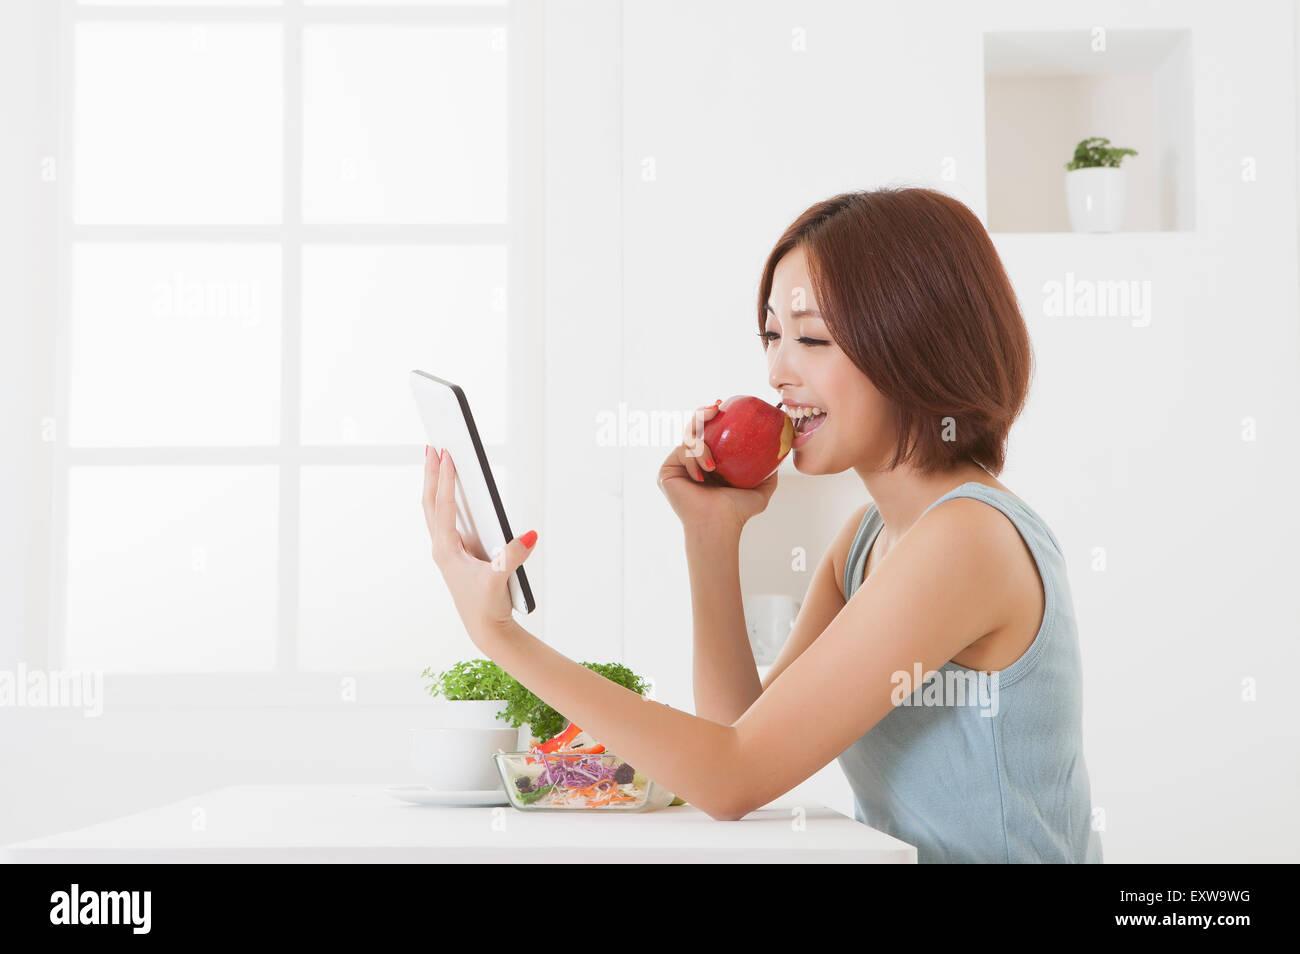 Jeune femme tenant une pomme et à l'aide de touches, Photo Stock